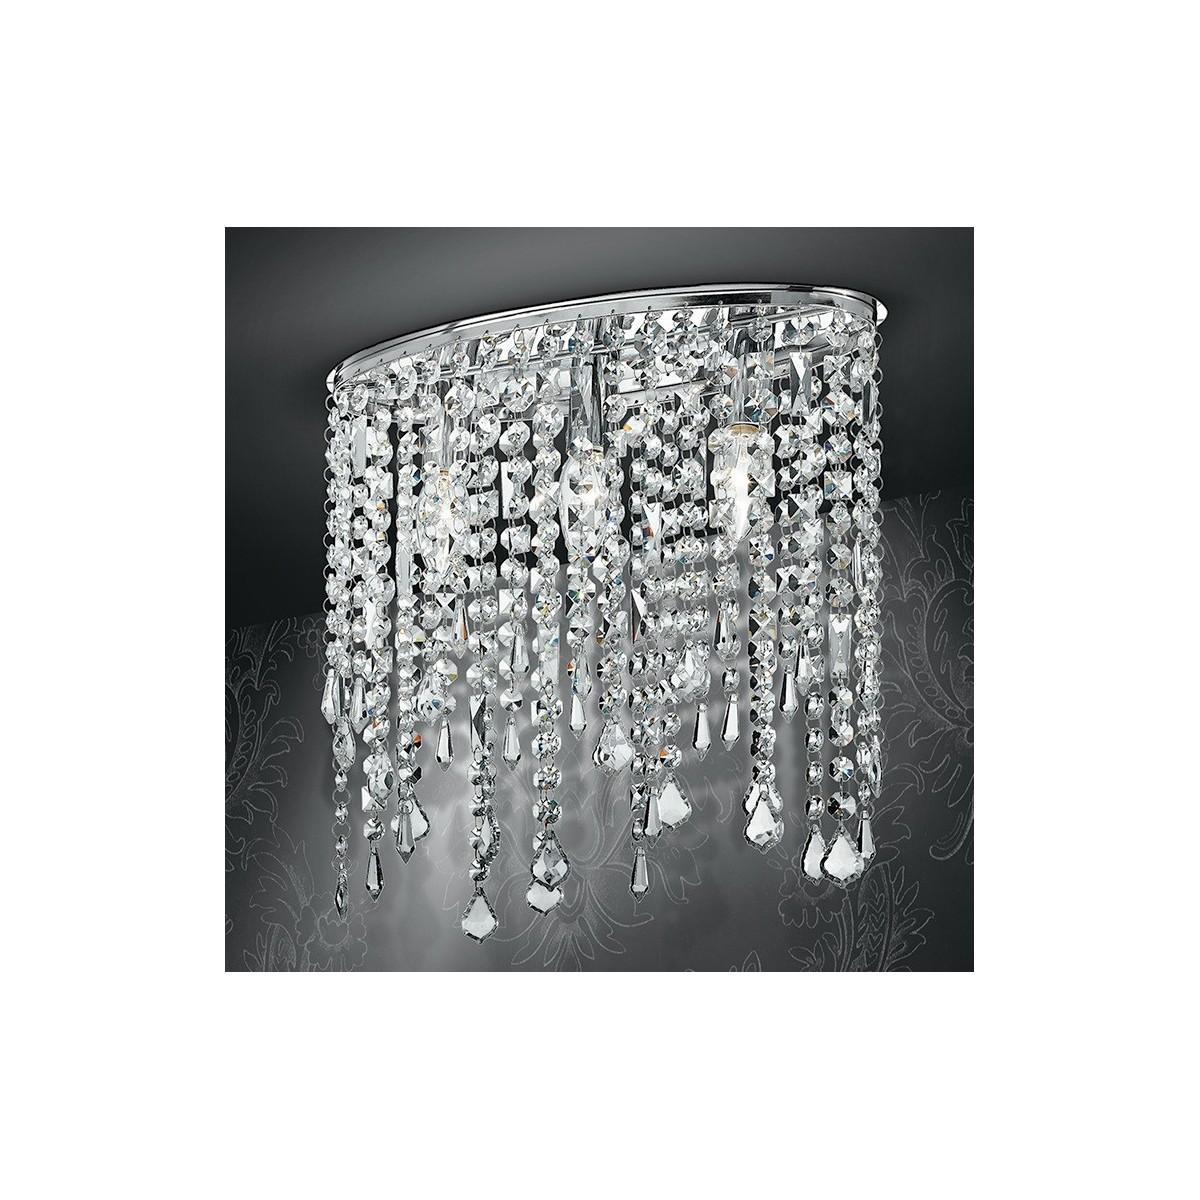 Homcom lampadario moderno a sospensione in cristallo con altezza regolabile, 44 pendenti in vetro, illuminazione per casa e ufficio. Plafoniera Ovale Pendenti Cristalli K9 Lampada Interno Soffitto Classica E14